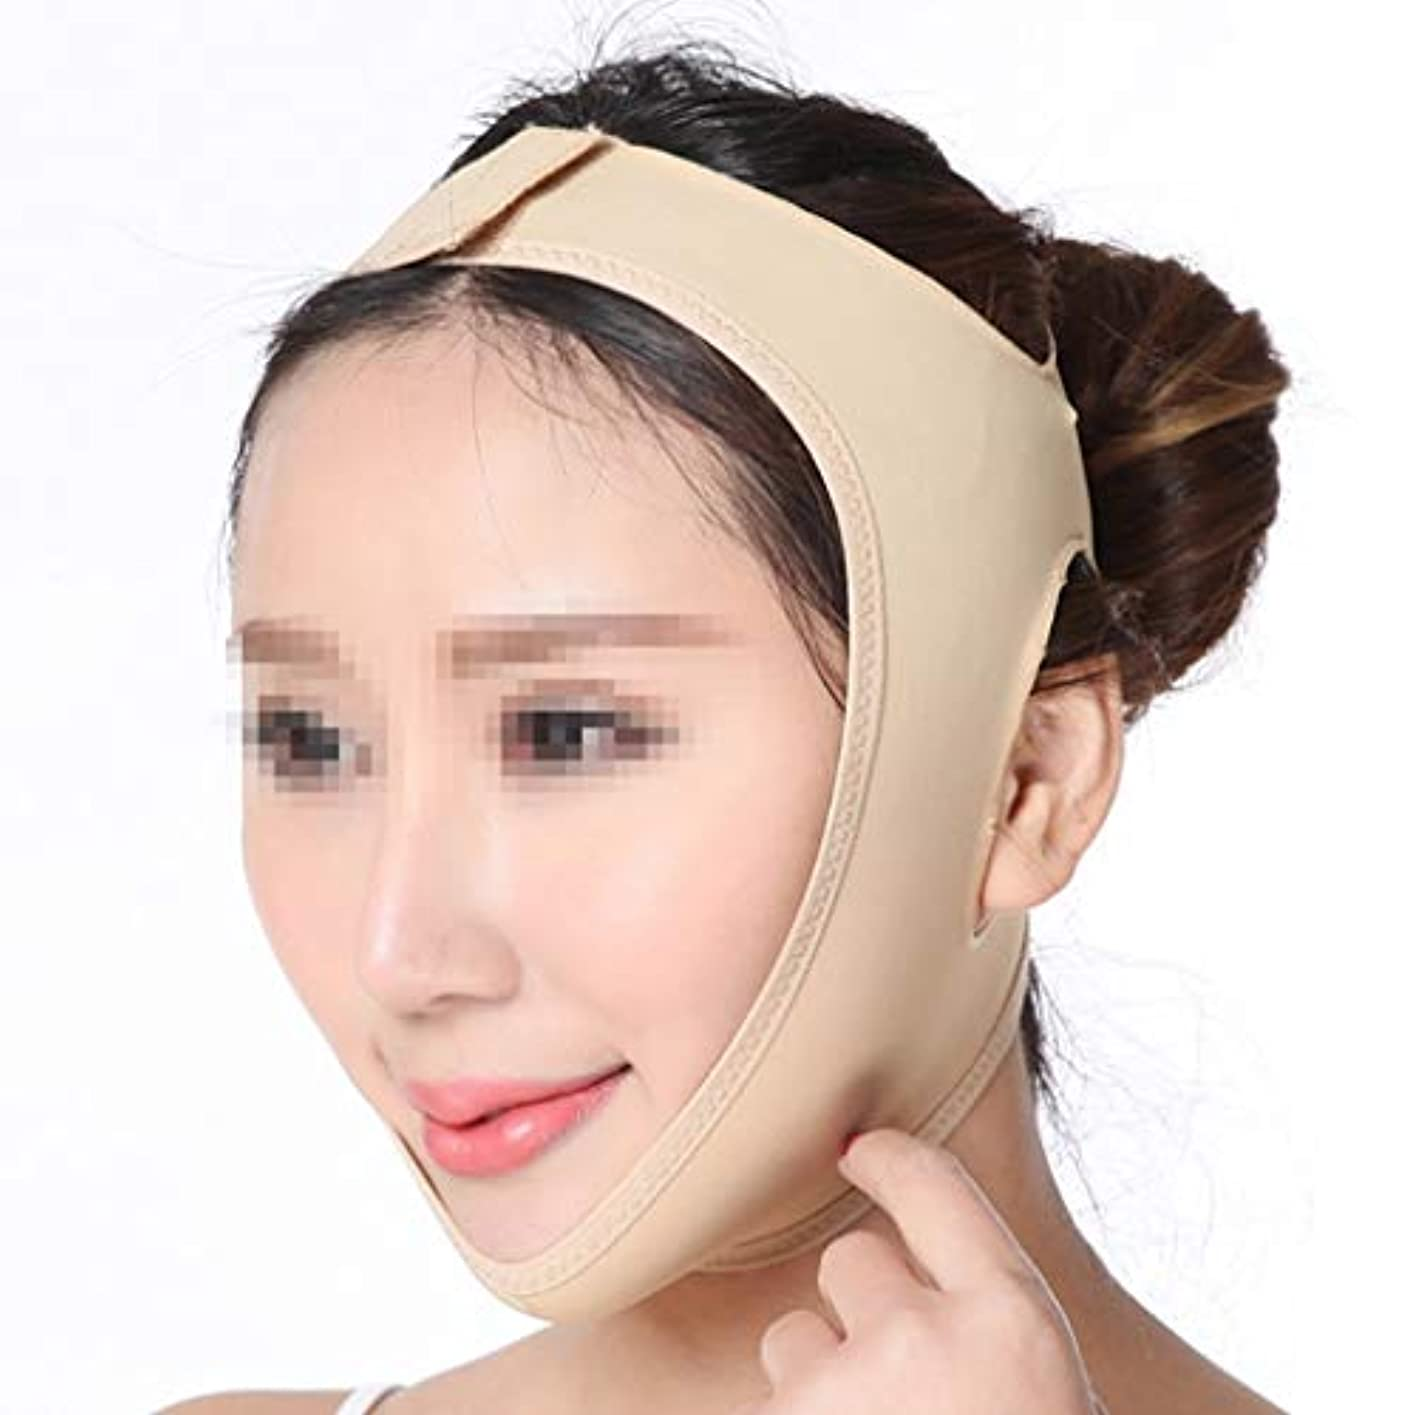 寝具金額歩き回るフェイスリフティング包帯、Vフェイス薄型フェイスマスクフェイスリフティング包帯リフティングVフェイスマスク (Size : L)